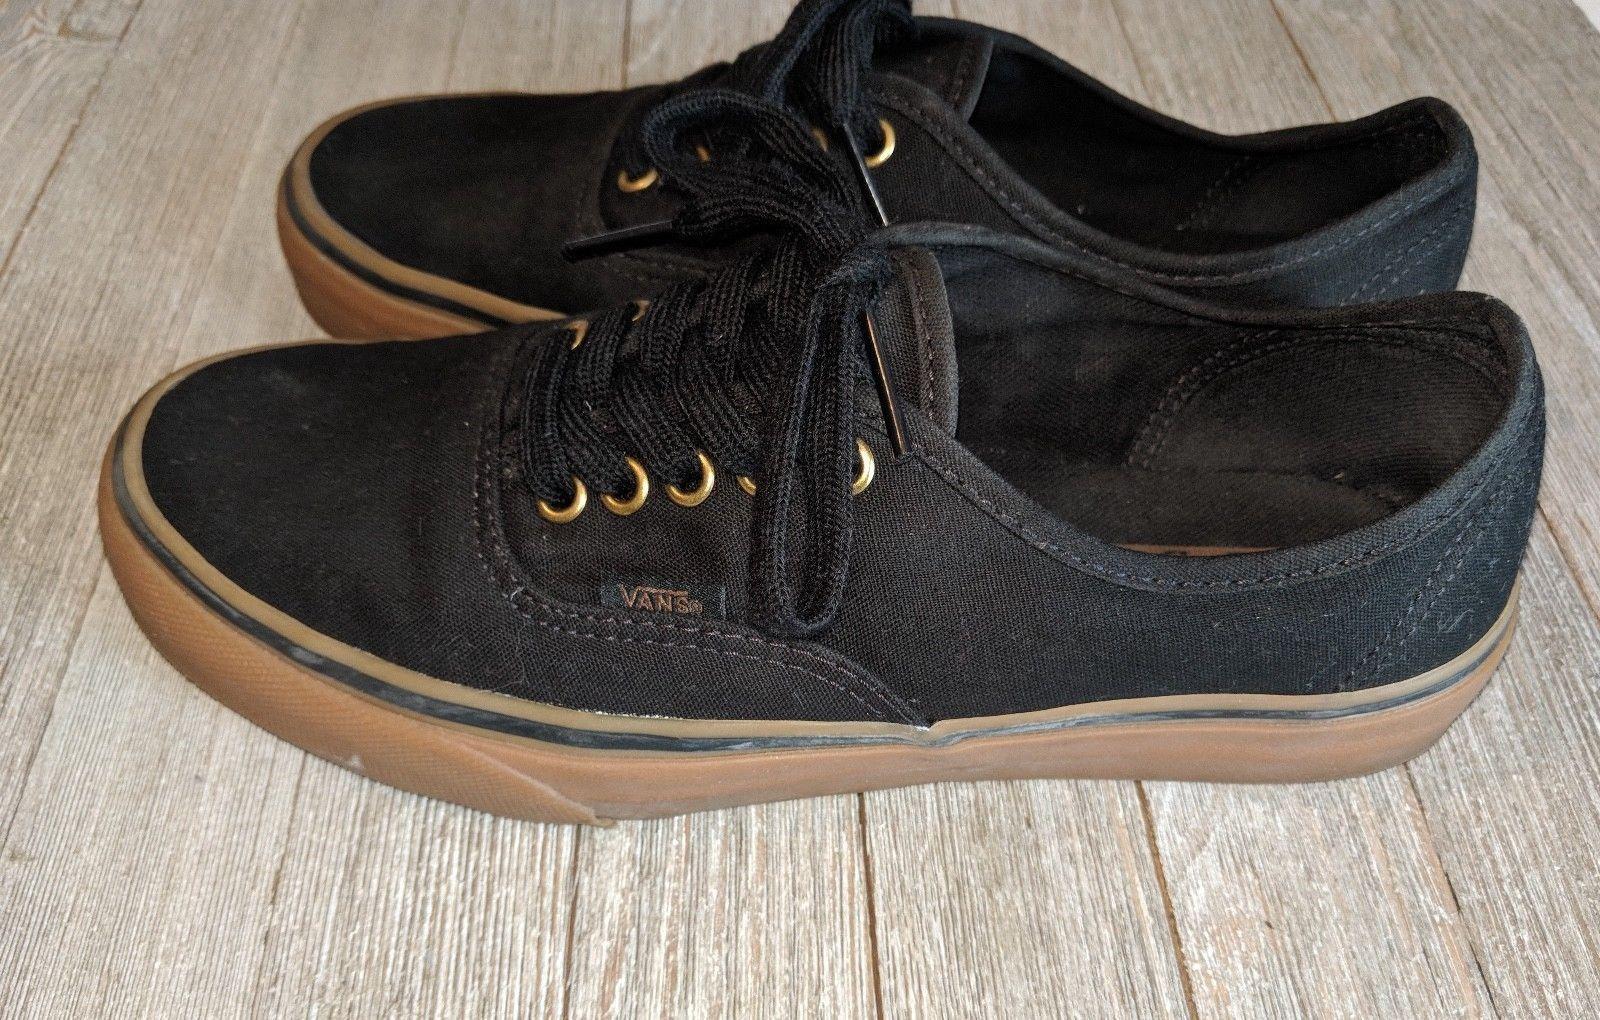 61098b0e0f Vans Authentic Black Gum Rubber Sole Skate Shoes MEN 7 WOMAN 8.5 Classics  Skater